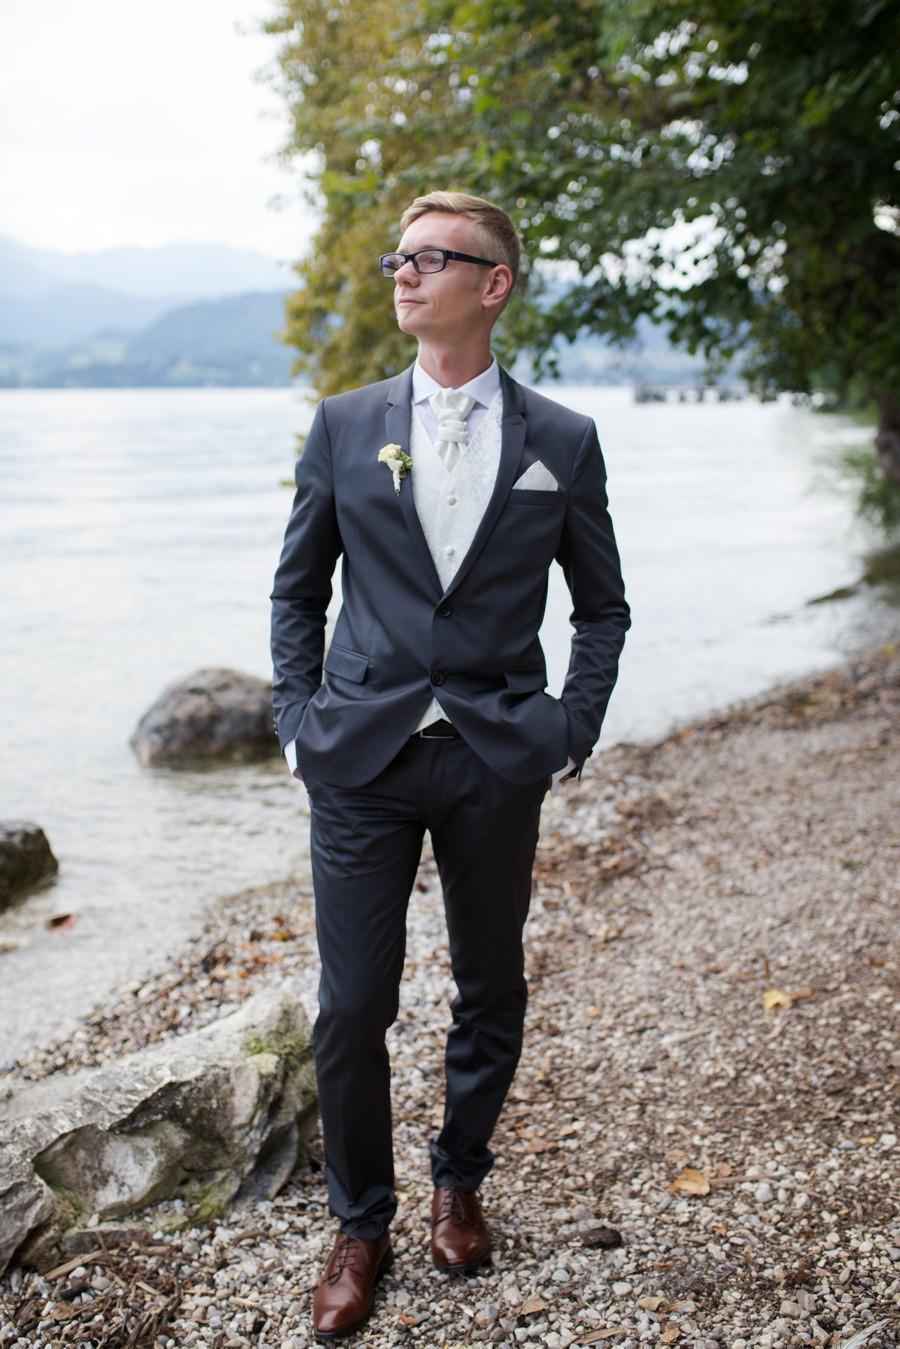 Hochzeit in der Villa Toscana in Gmunden am Traunsee | Hochzeitsfotograf Gmunden Stefanie Reindl Photography